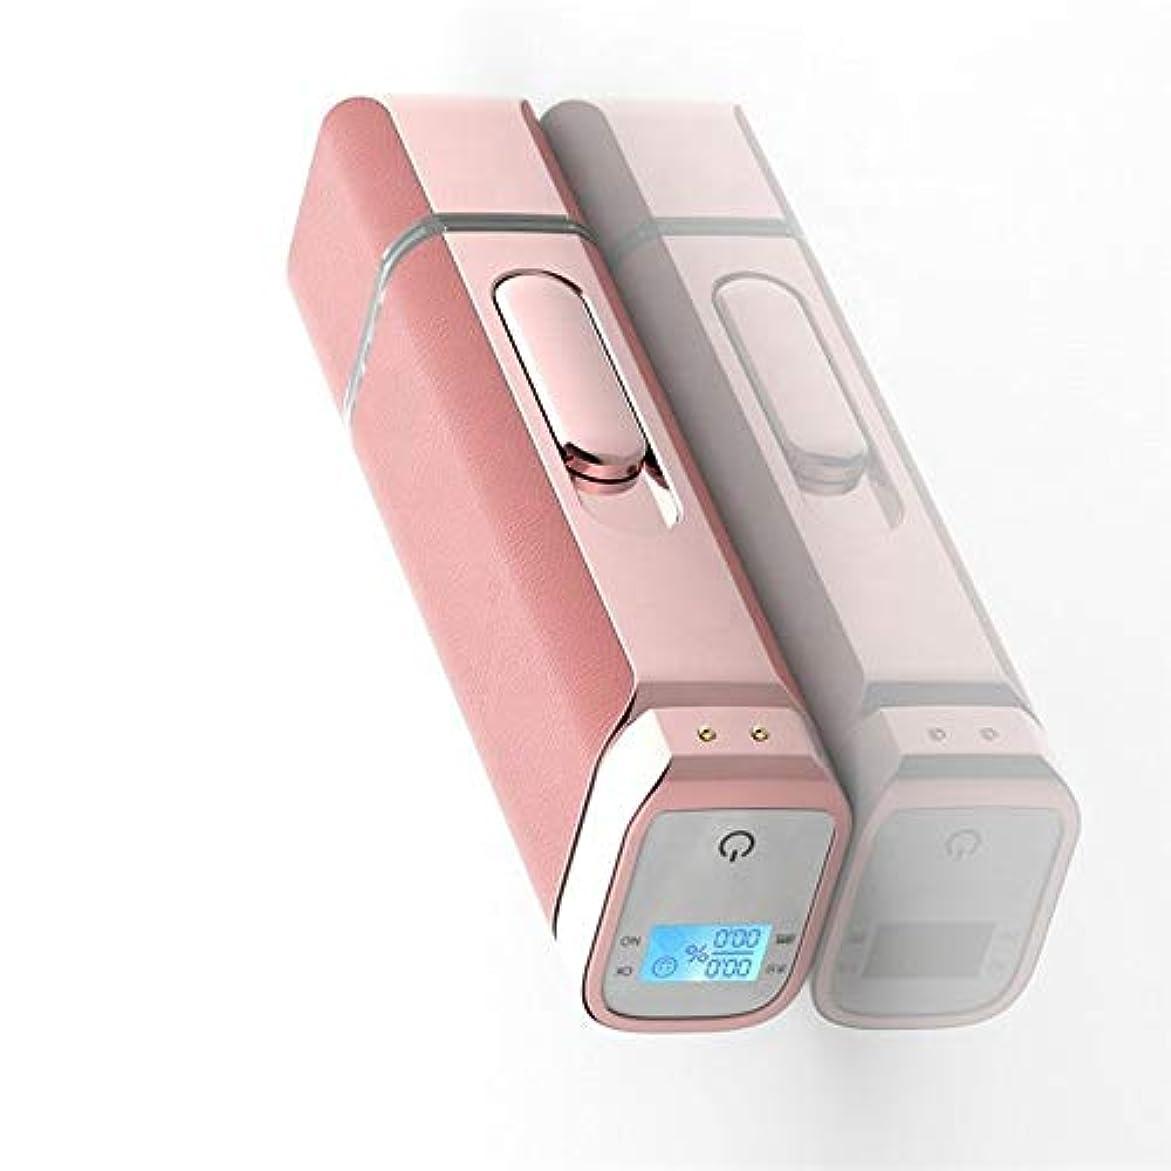 ミルクグレートオークなめらかな肌の水分テスターと顔のナノミスト噴霧器、アトマイゼーションフェイススチーマーディープモイスチャライジングブラックヘッドアクネスージングサロン用フェイシャルポータブルフェイシャルスプレー (Color : ピンク)